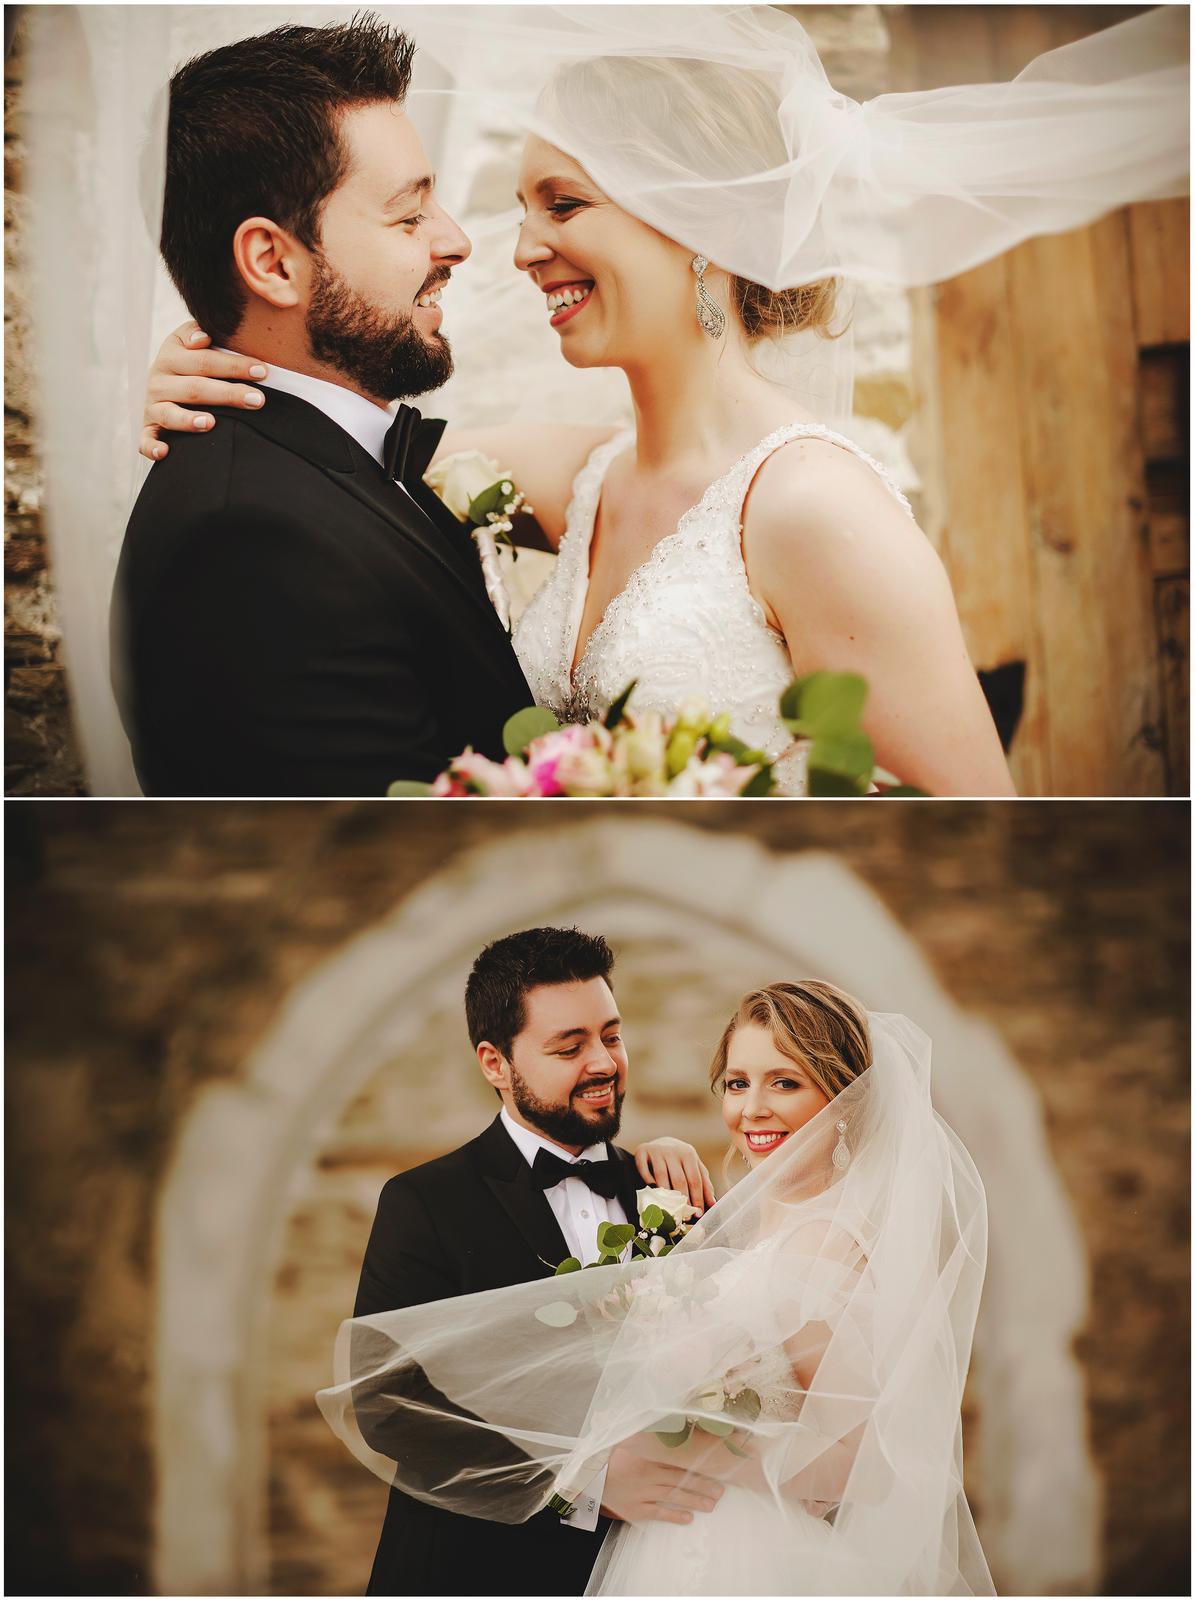 termín svadby máme ešte... - Obrázok č. 1